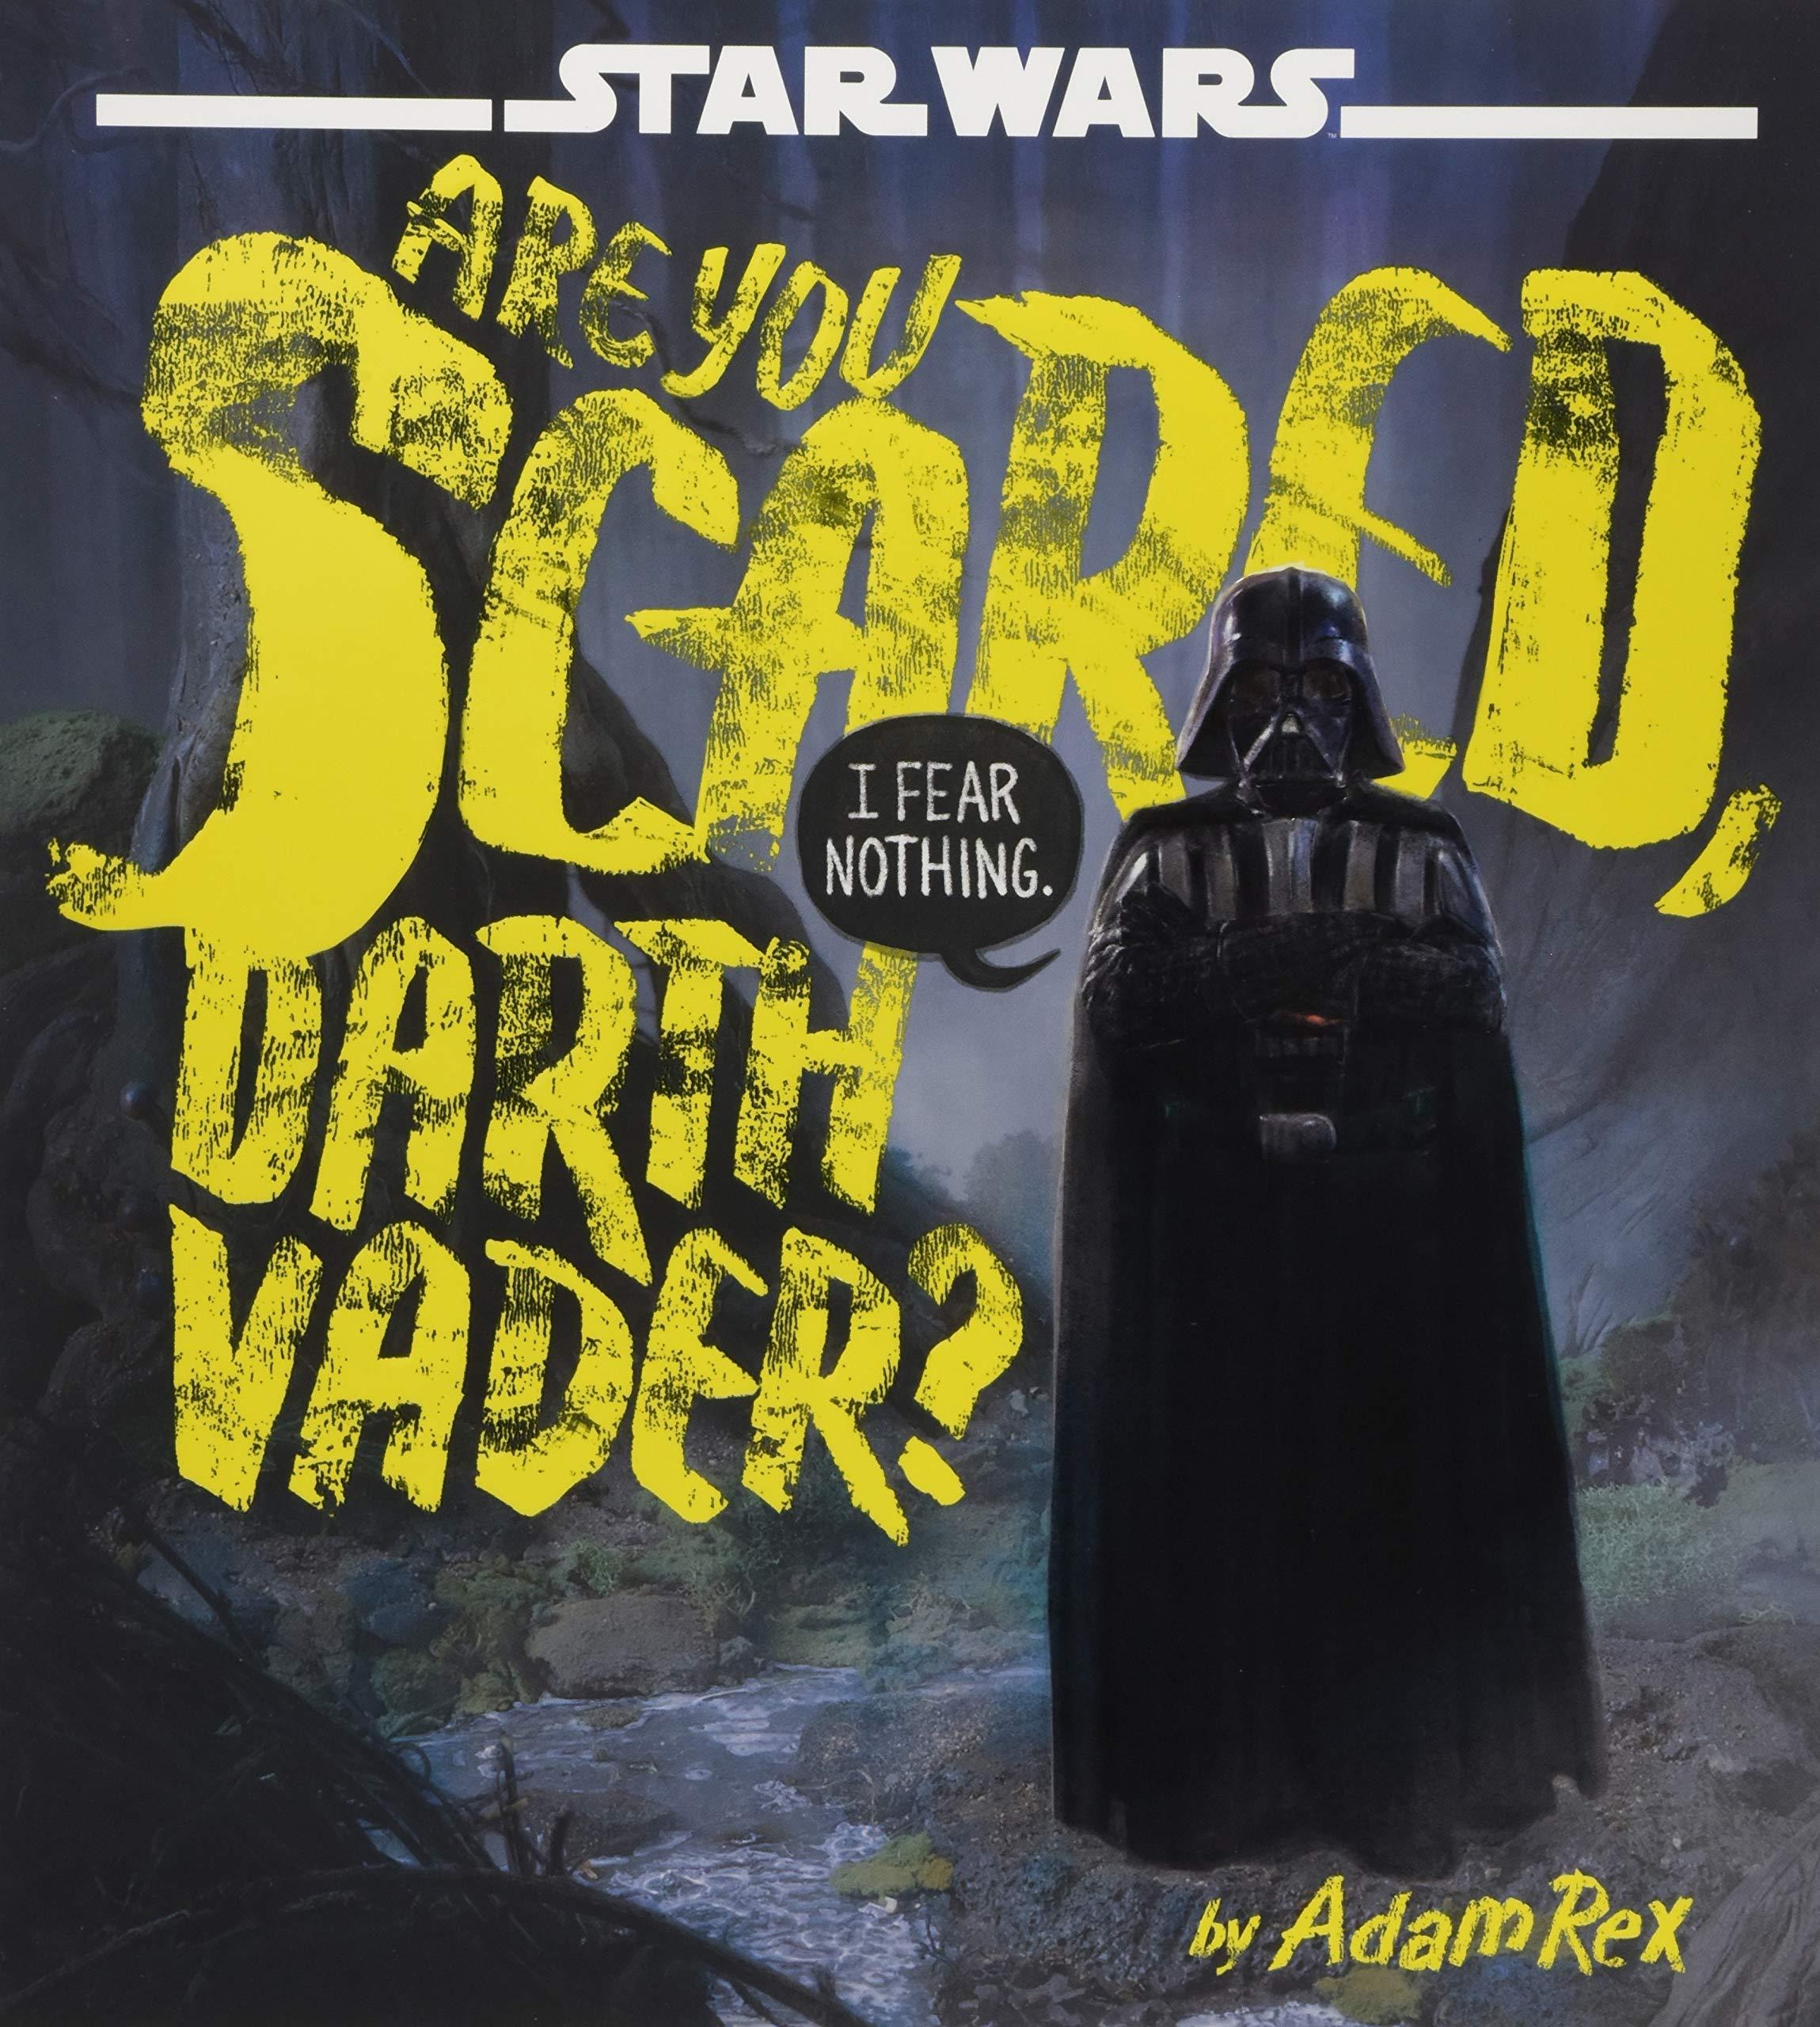 bc10cdd8 Star Wars Are You Scared, Darth Vader?: Adam Rex: 9781484704974:  Amazon.com: Books